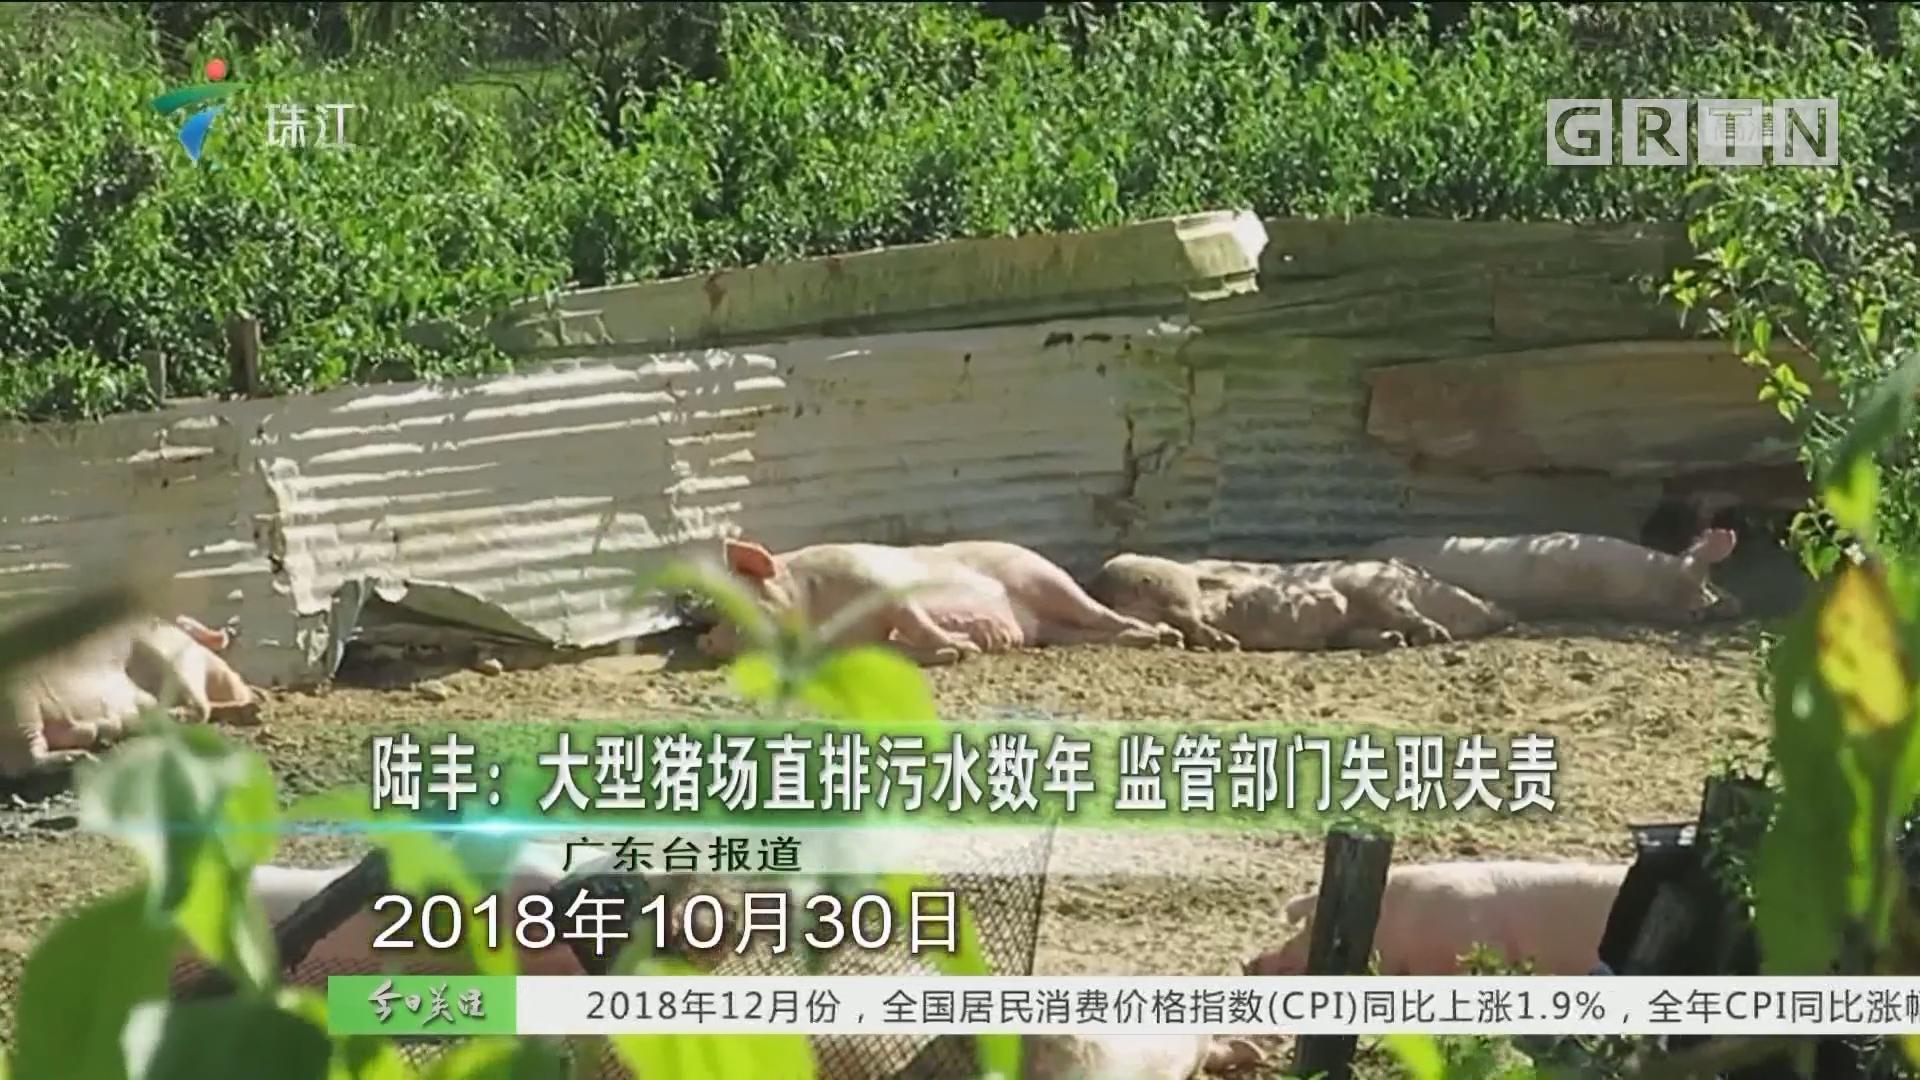 陆丰:大型猪场直排污水数年 监管部门失职失责